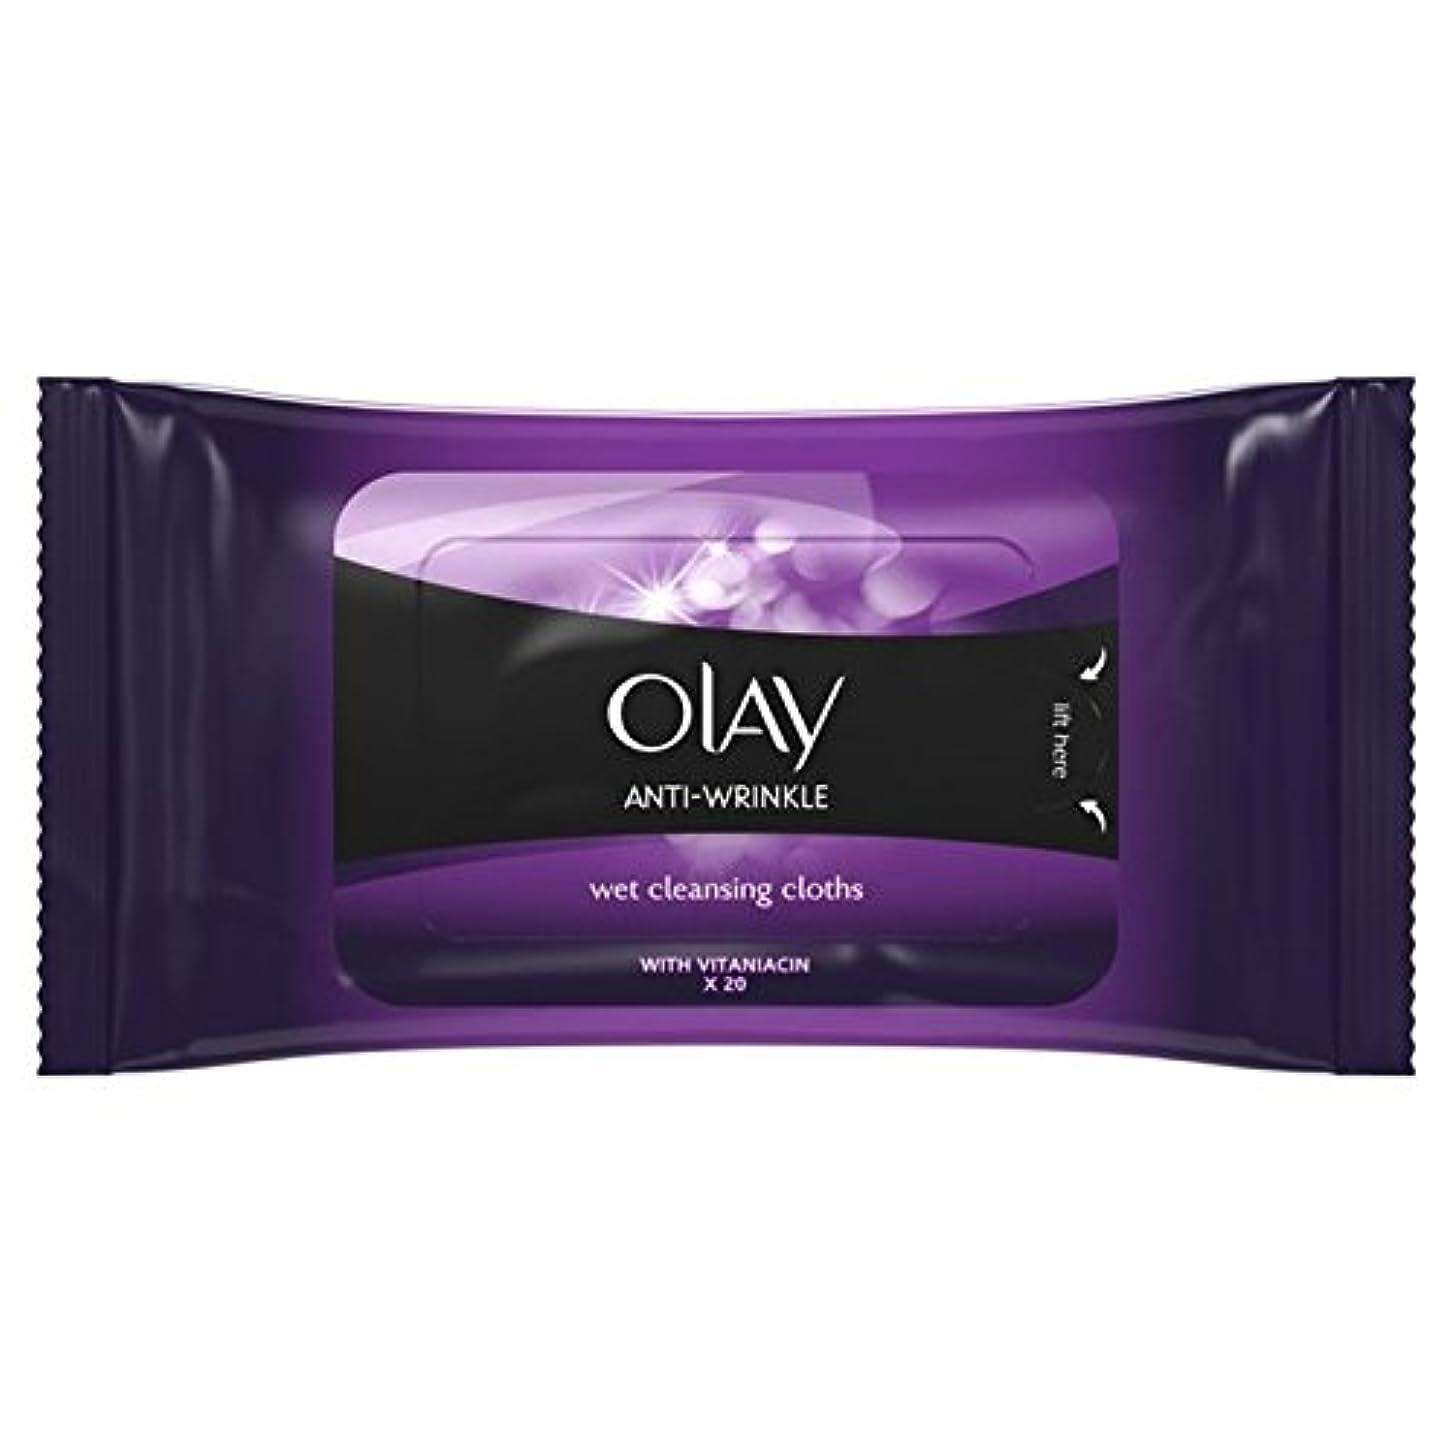 主人遷移不倫パックごとに20ワイプ抗シワ事務所をオーレイ&湿ったクレンジングを持ち上げます x4 - Olay Anti Wrinkle Firm & Lift Wet Cleansing Wipes 20 per pack (Pack...